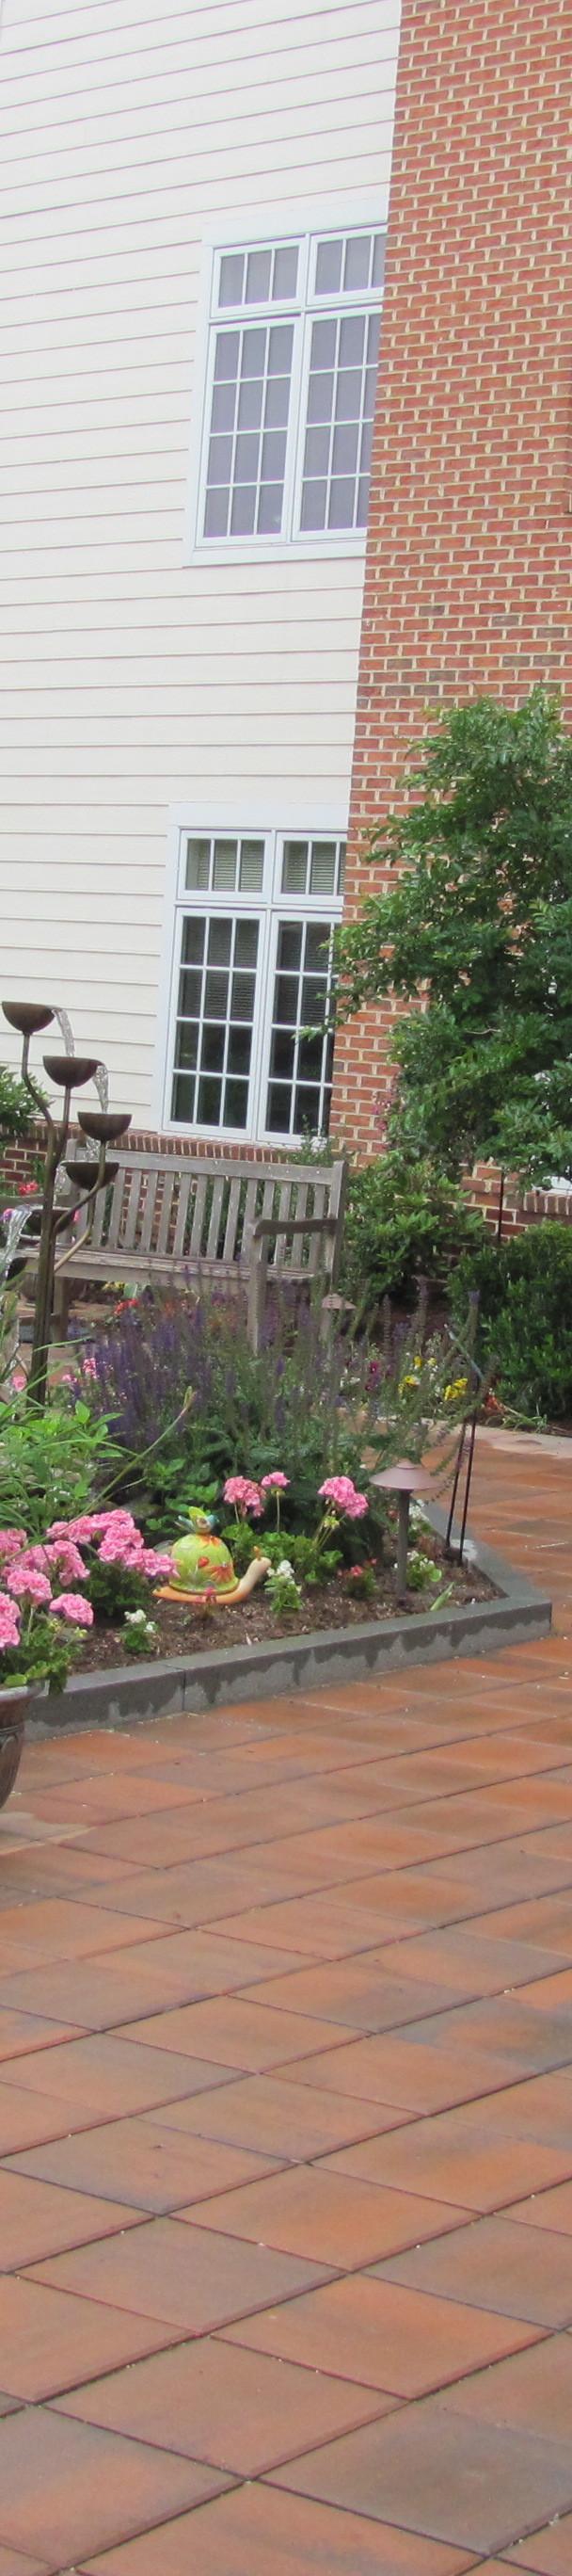 Dogwood Village Healing Garden: closer view